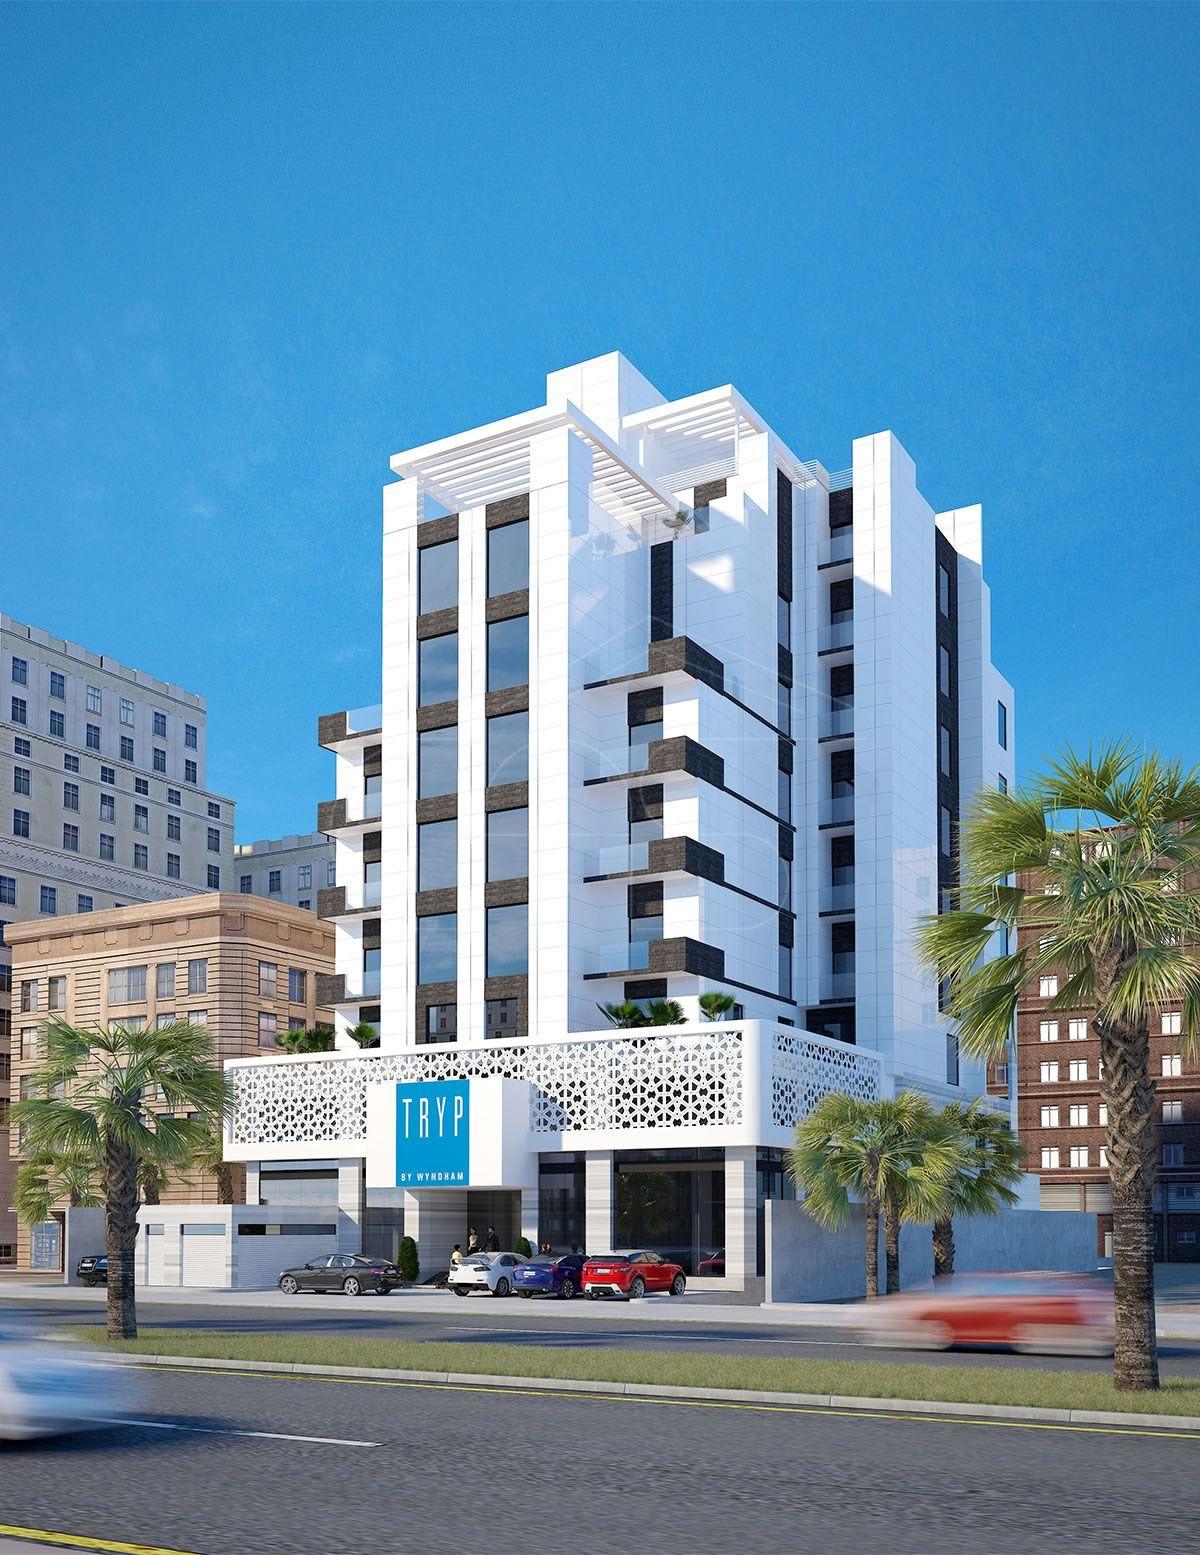 Olaya Hotel Exterior Design Al Khobar Saudi Arabia Hotelexteriordesign